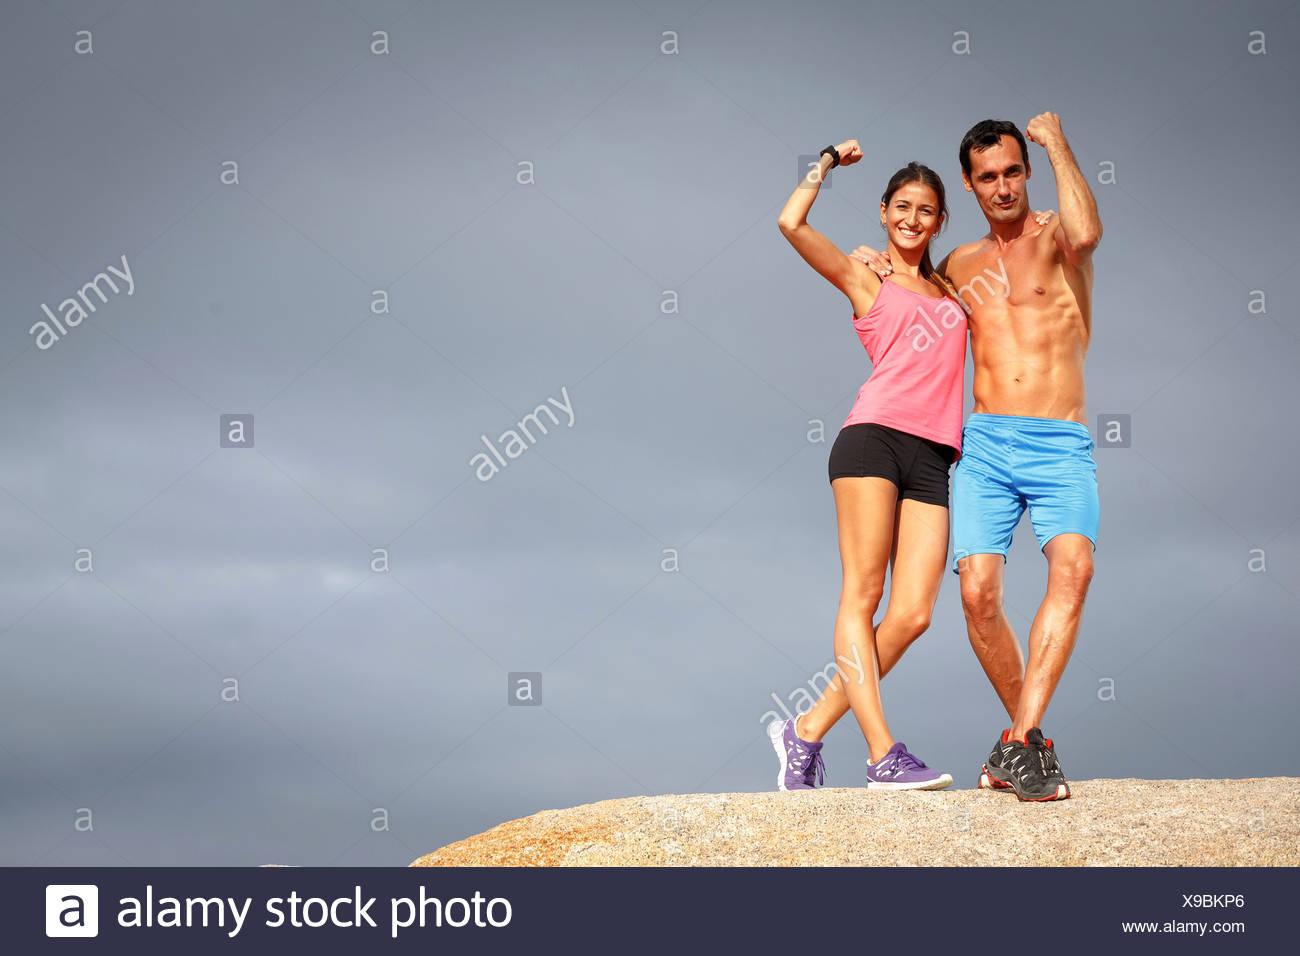 Accoppiare i muscoli di flessione sul boulder Immagini Stock